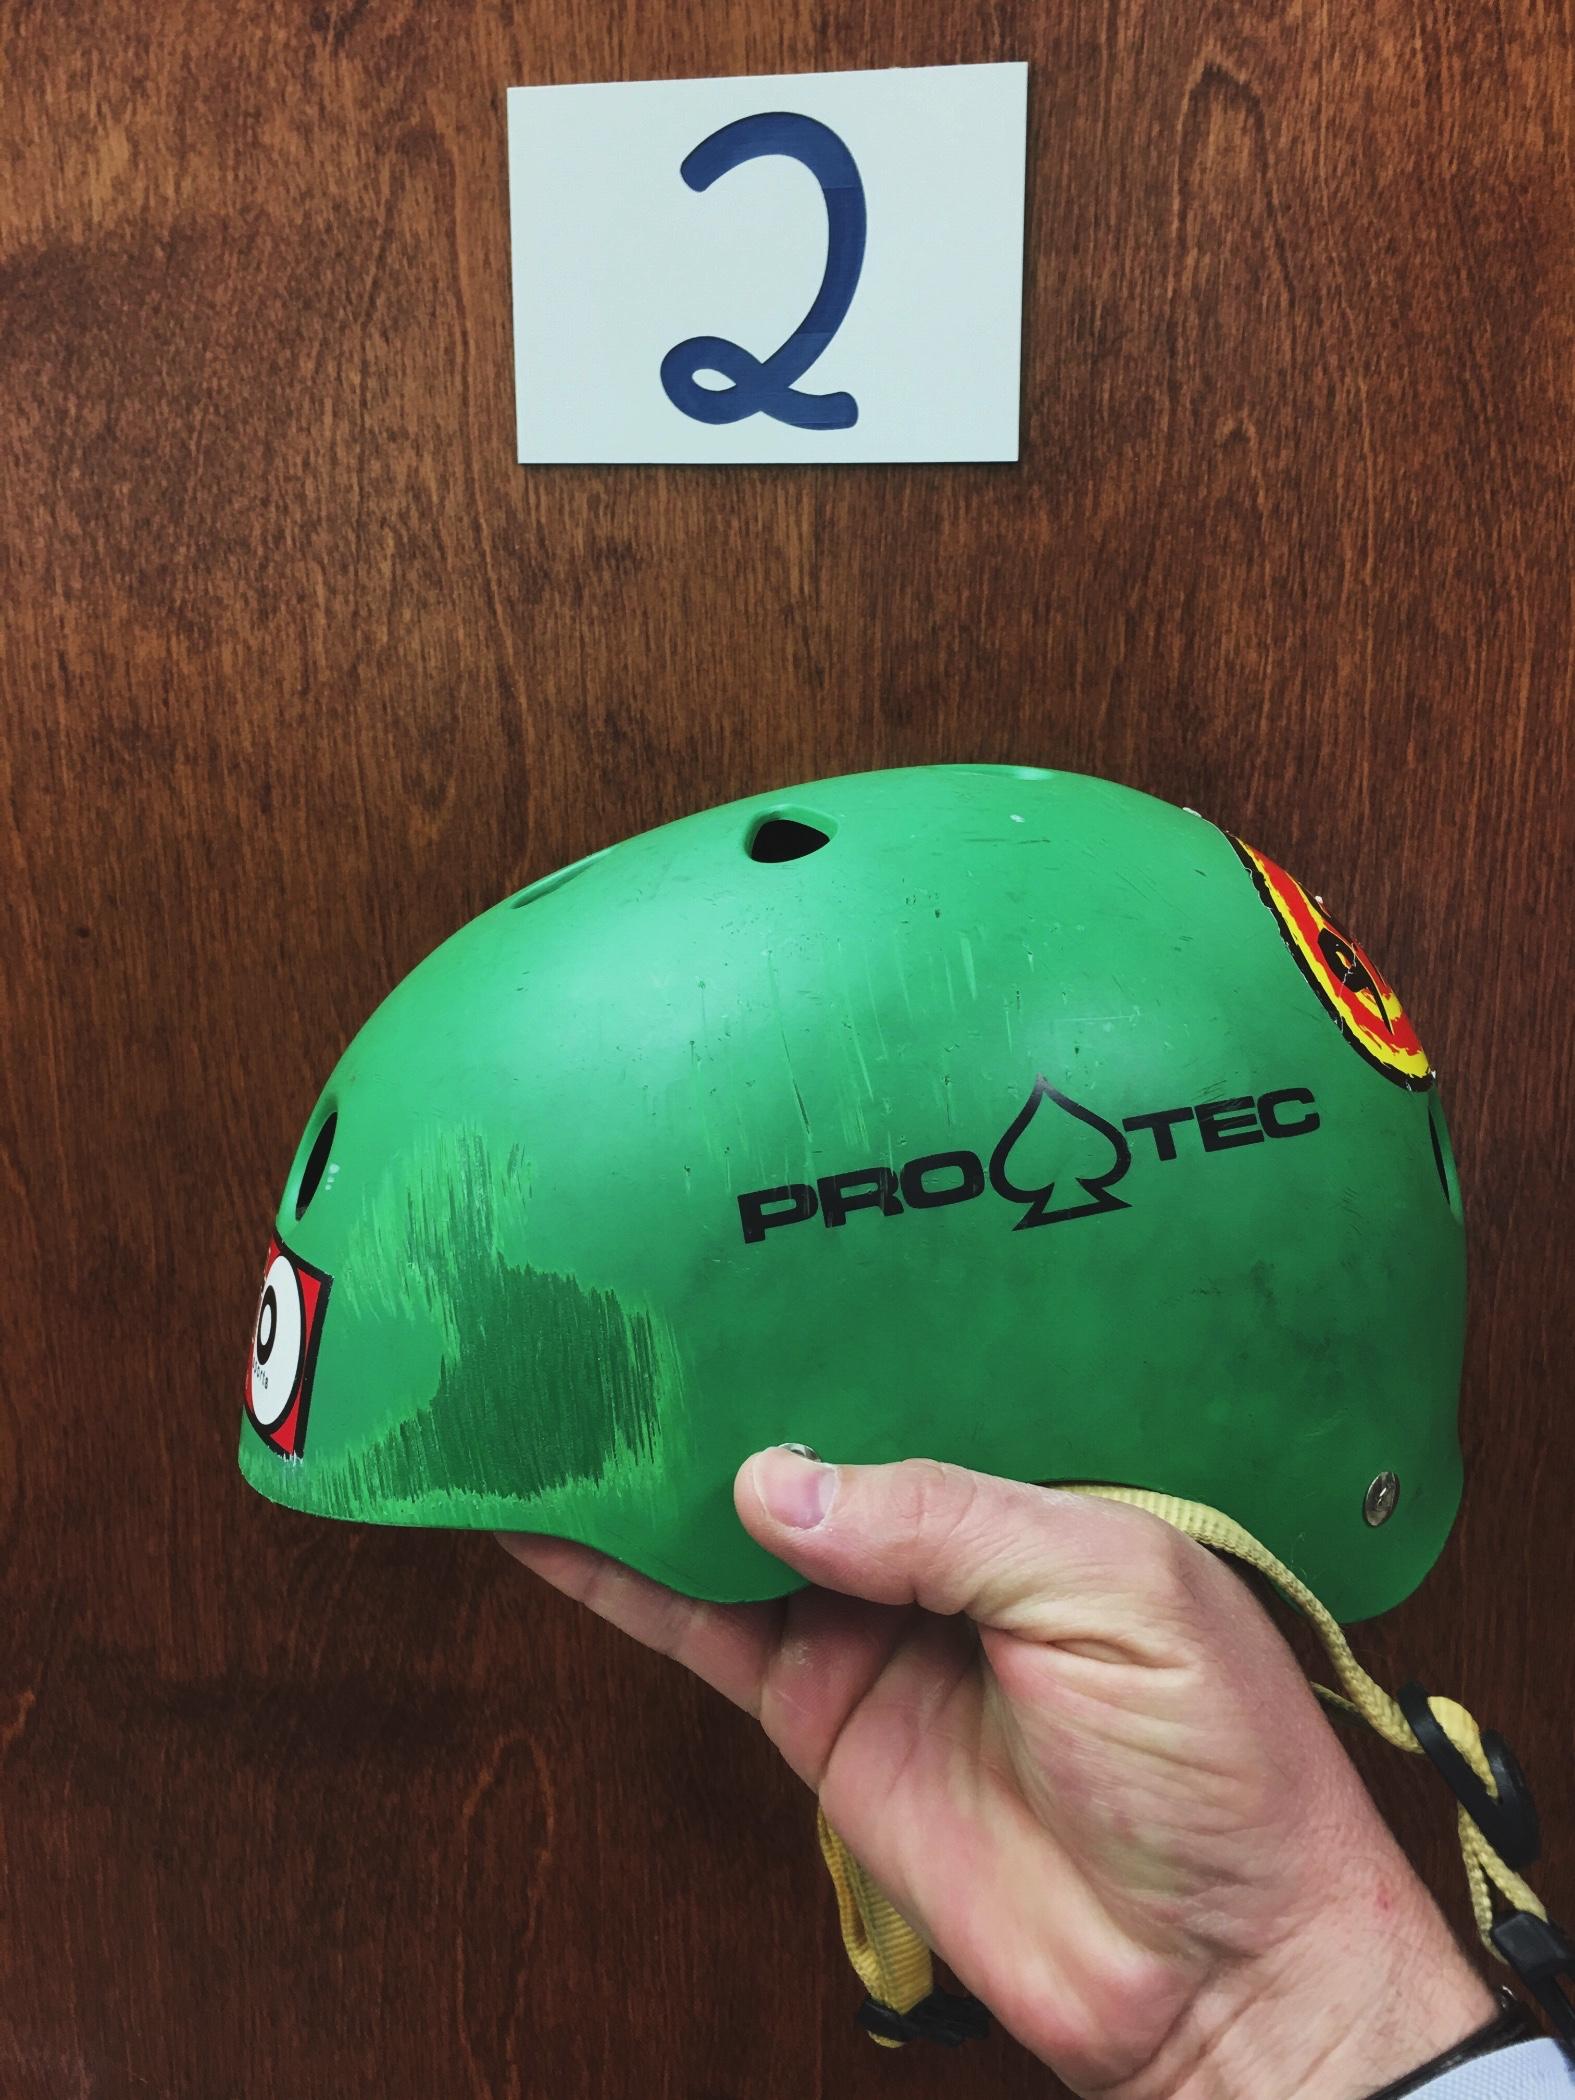 Wearing Helmets